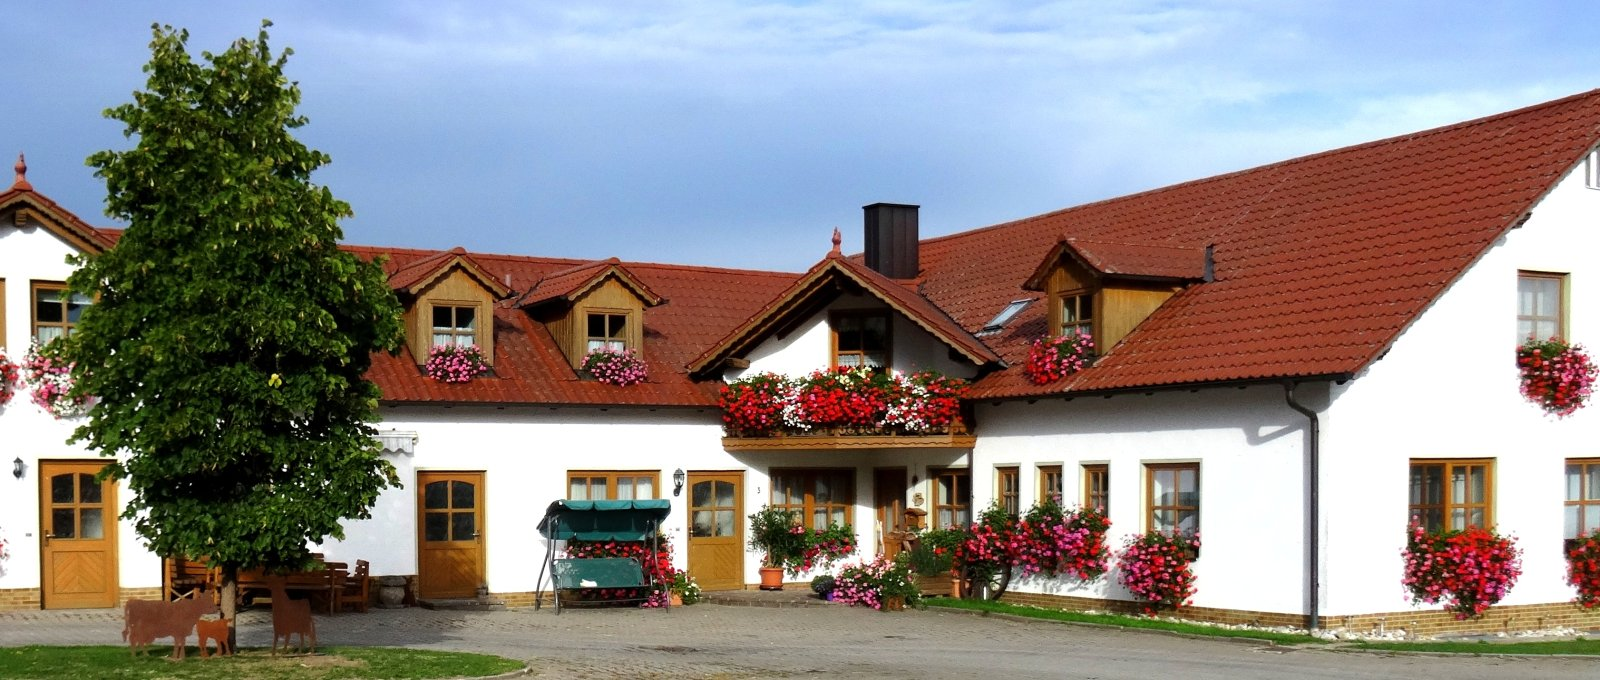 nissl-neunburg-vorm-wald-ponyhof-oberpfalz-bauernhof-panorama-1600